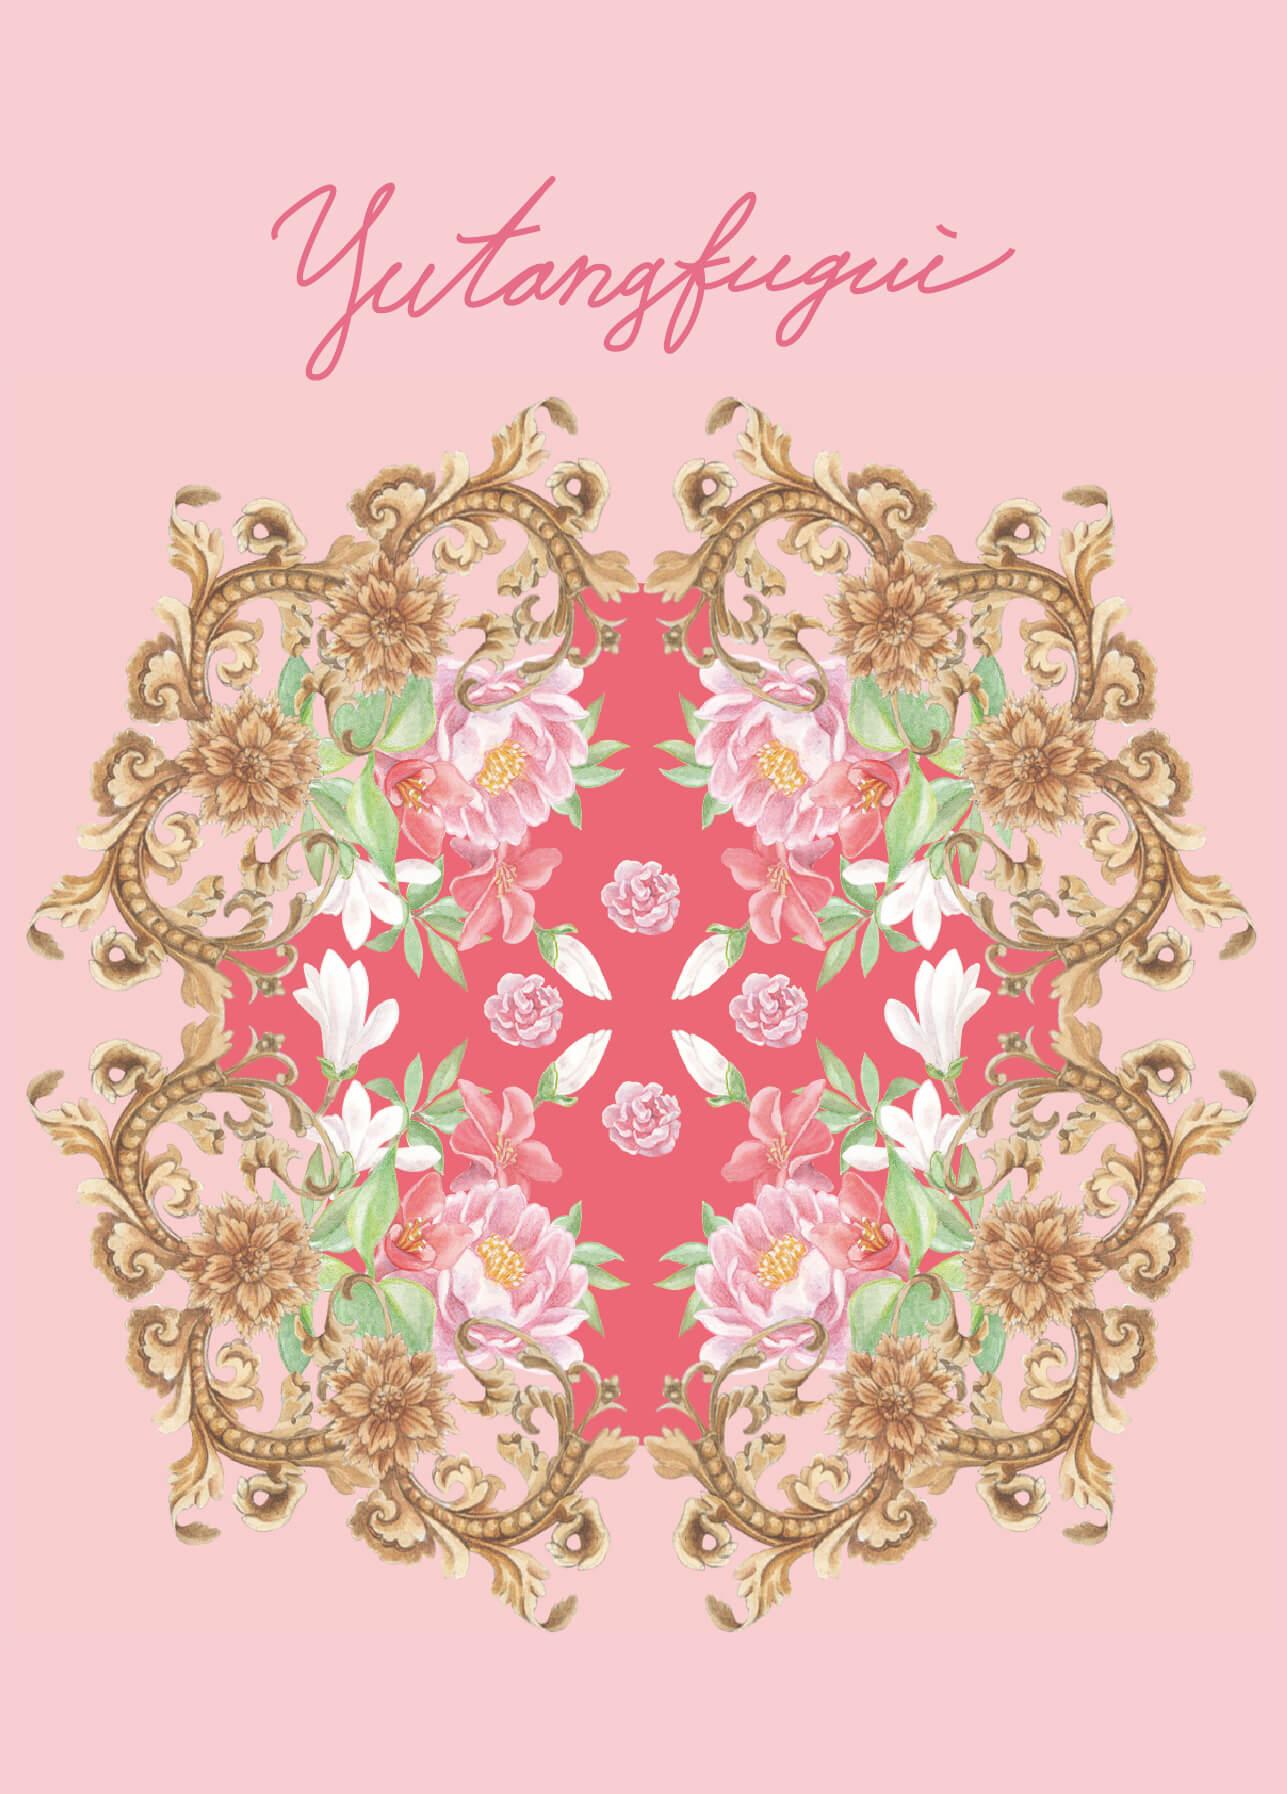 圖說/《集錦・吉錦》是一本以印花設計融入吉祥圖案元素的畫冊集。